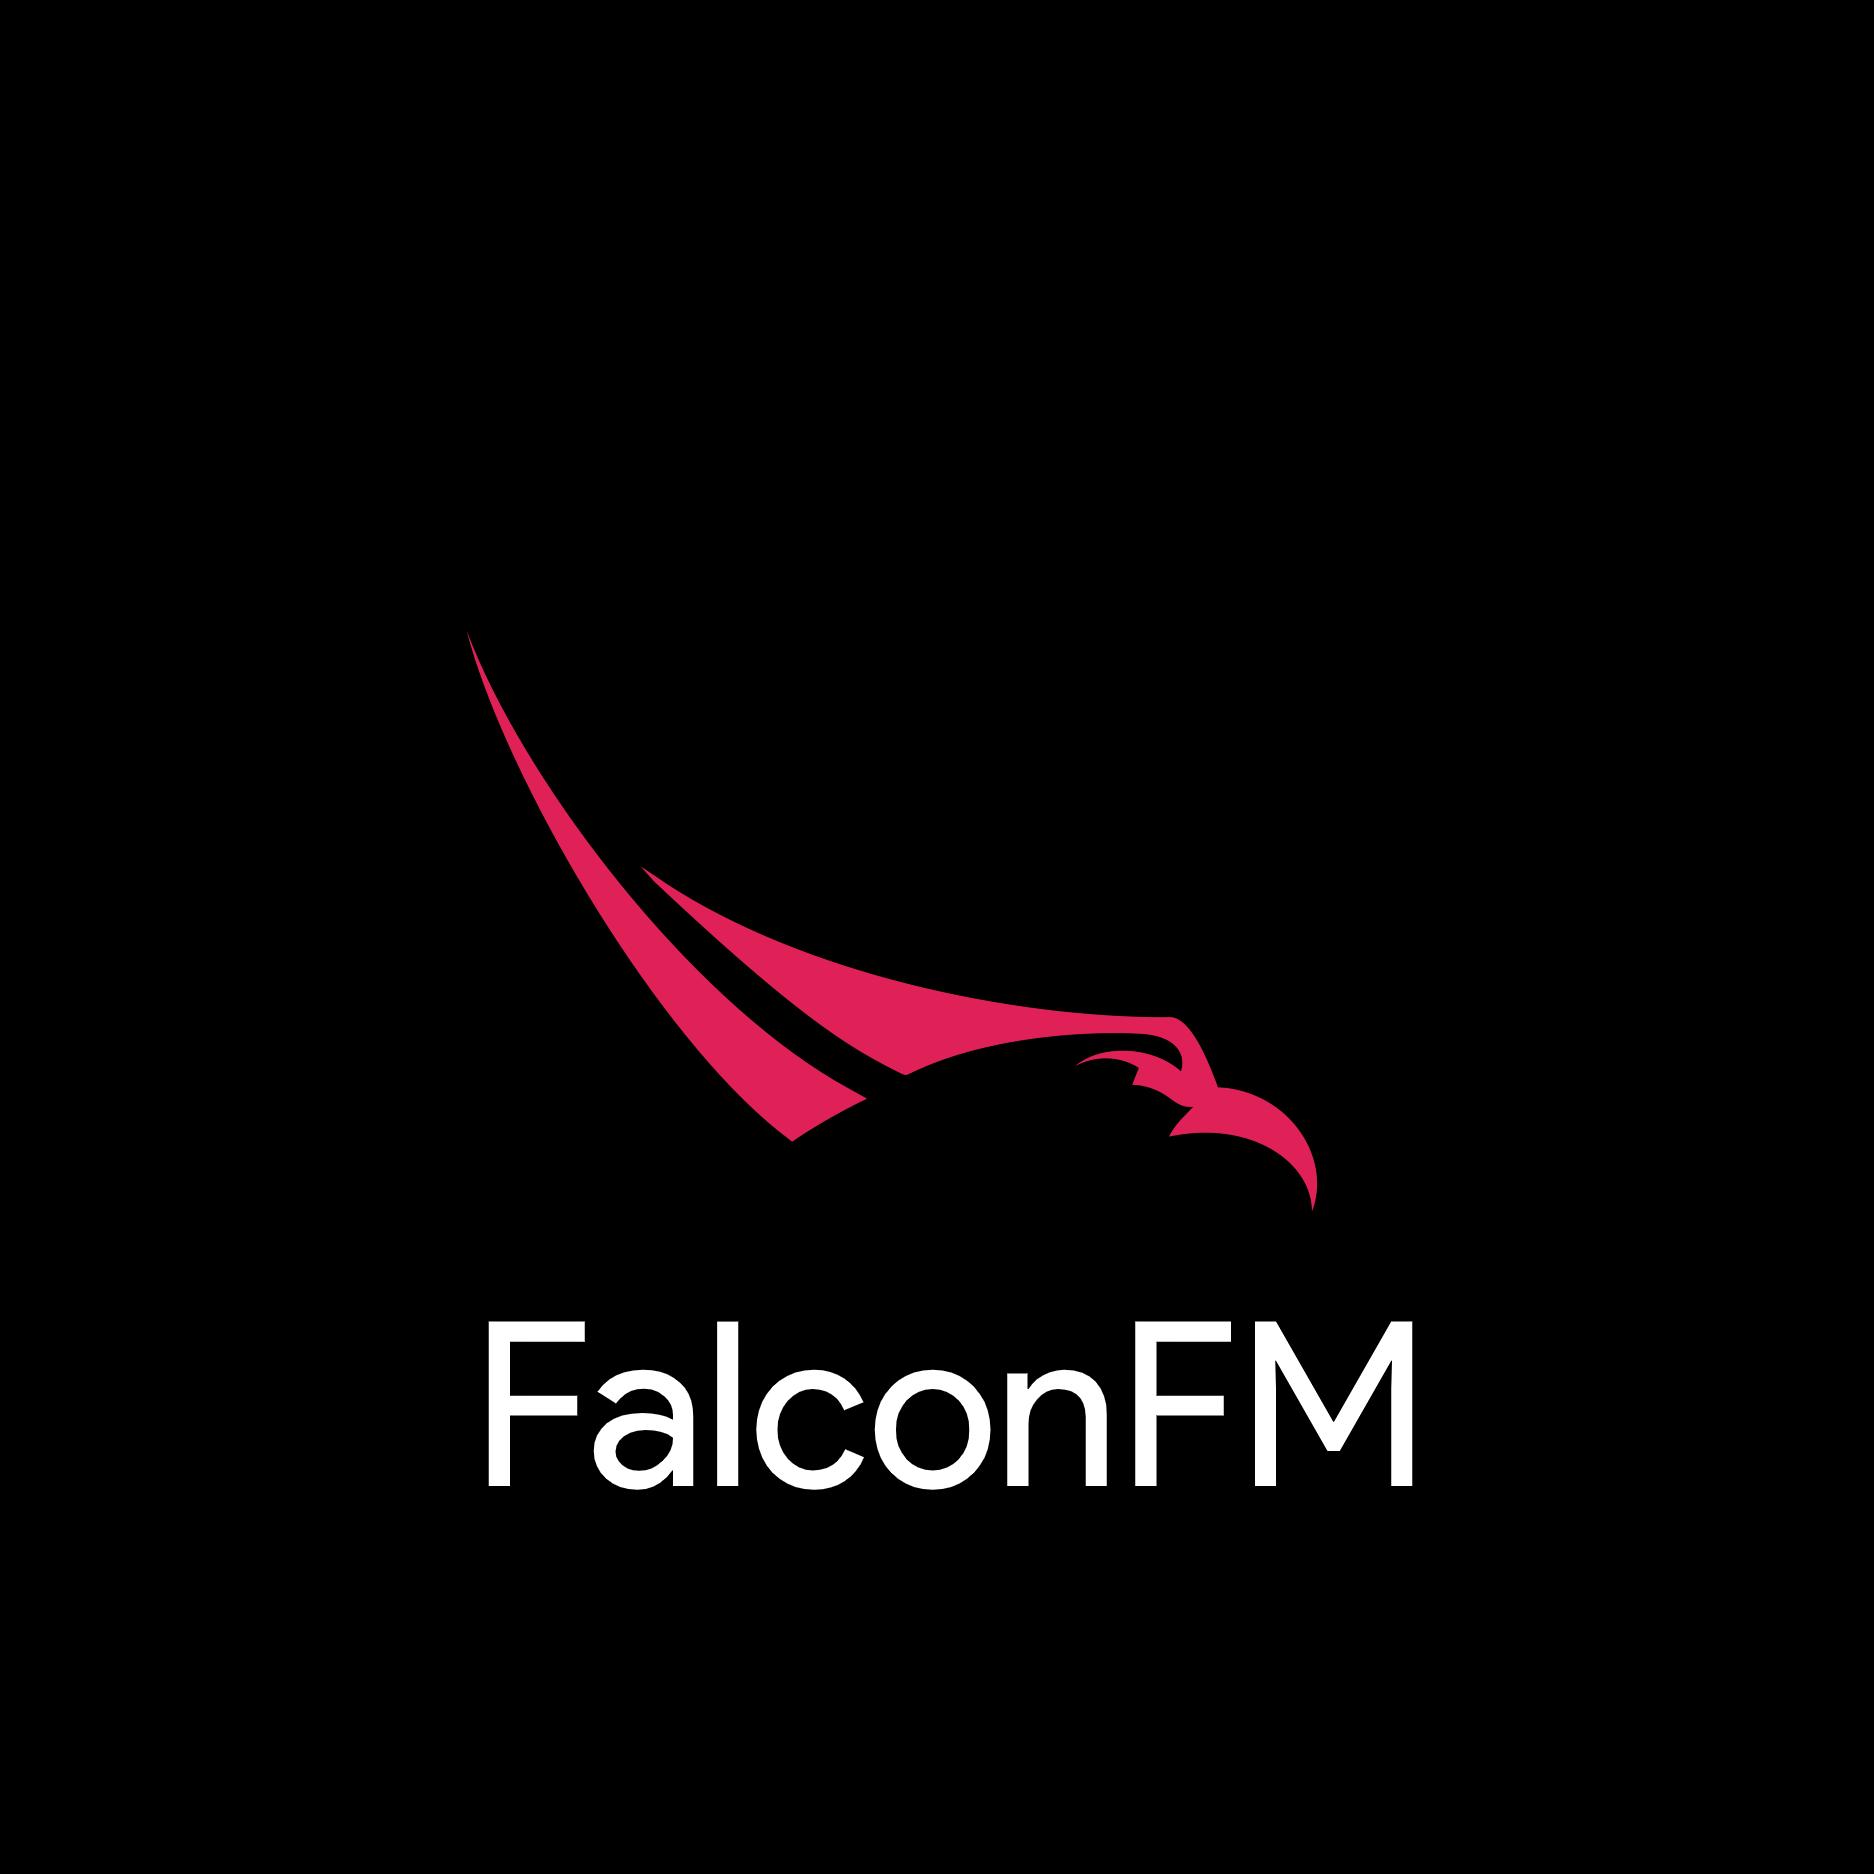 FalconFM